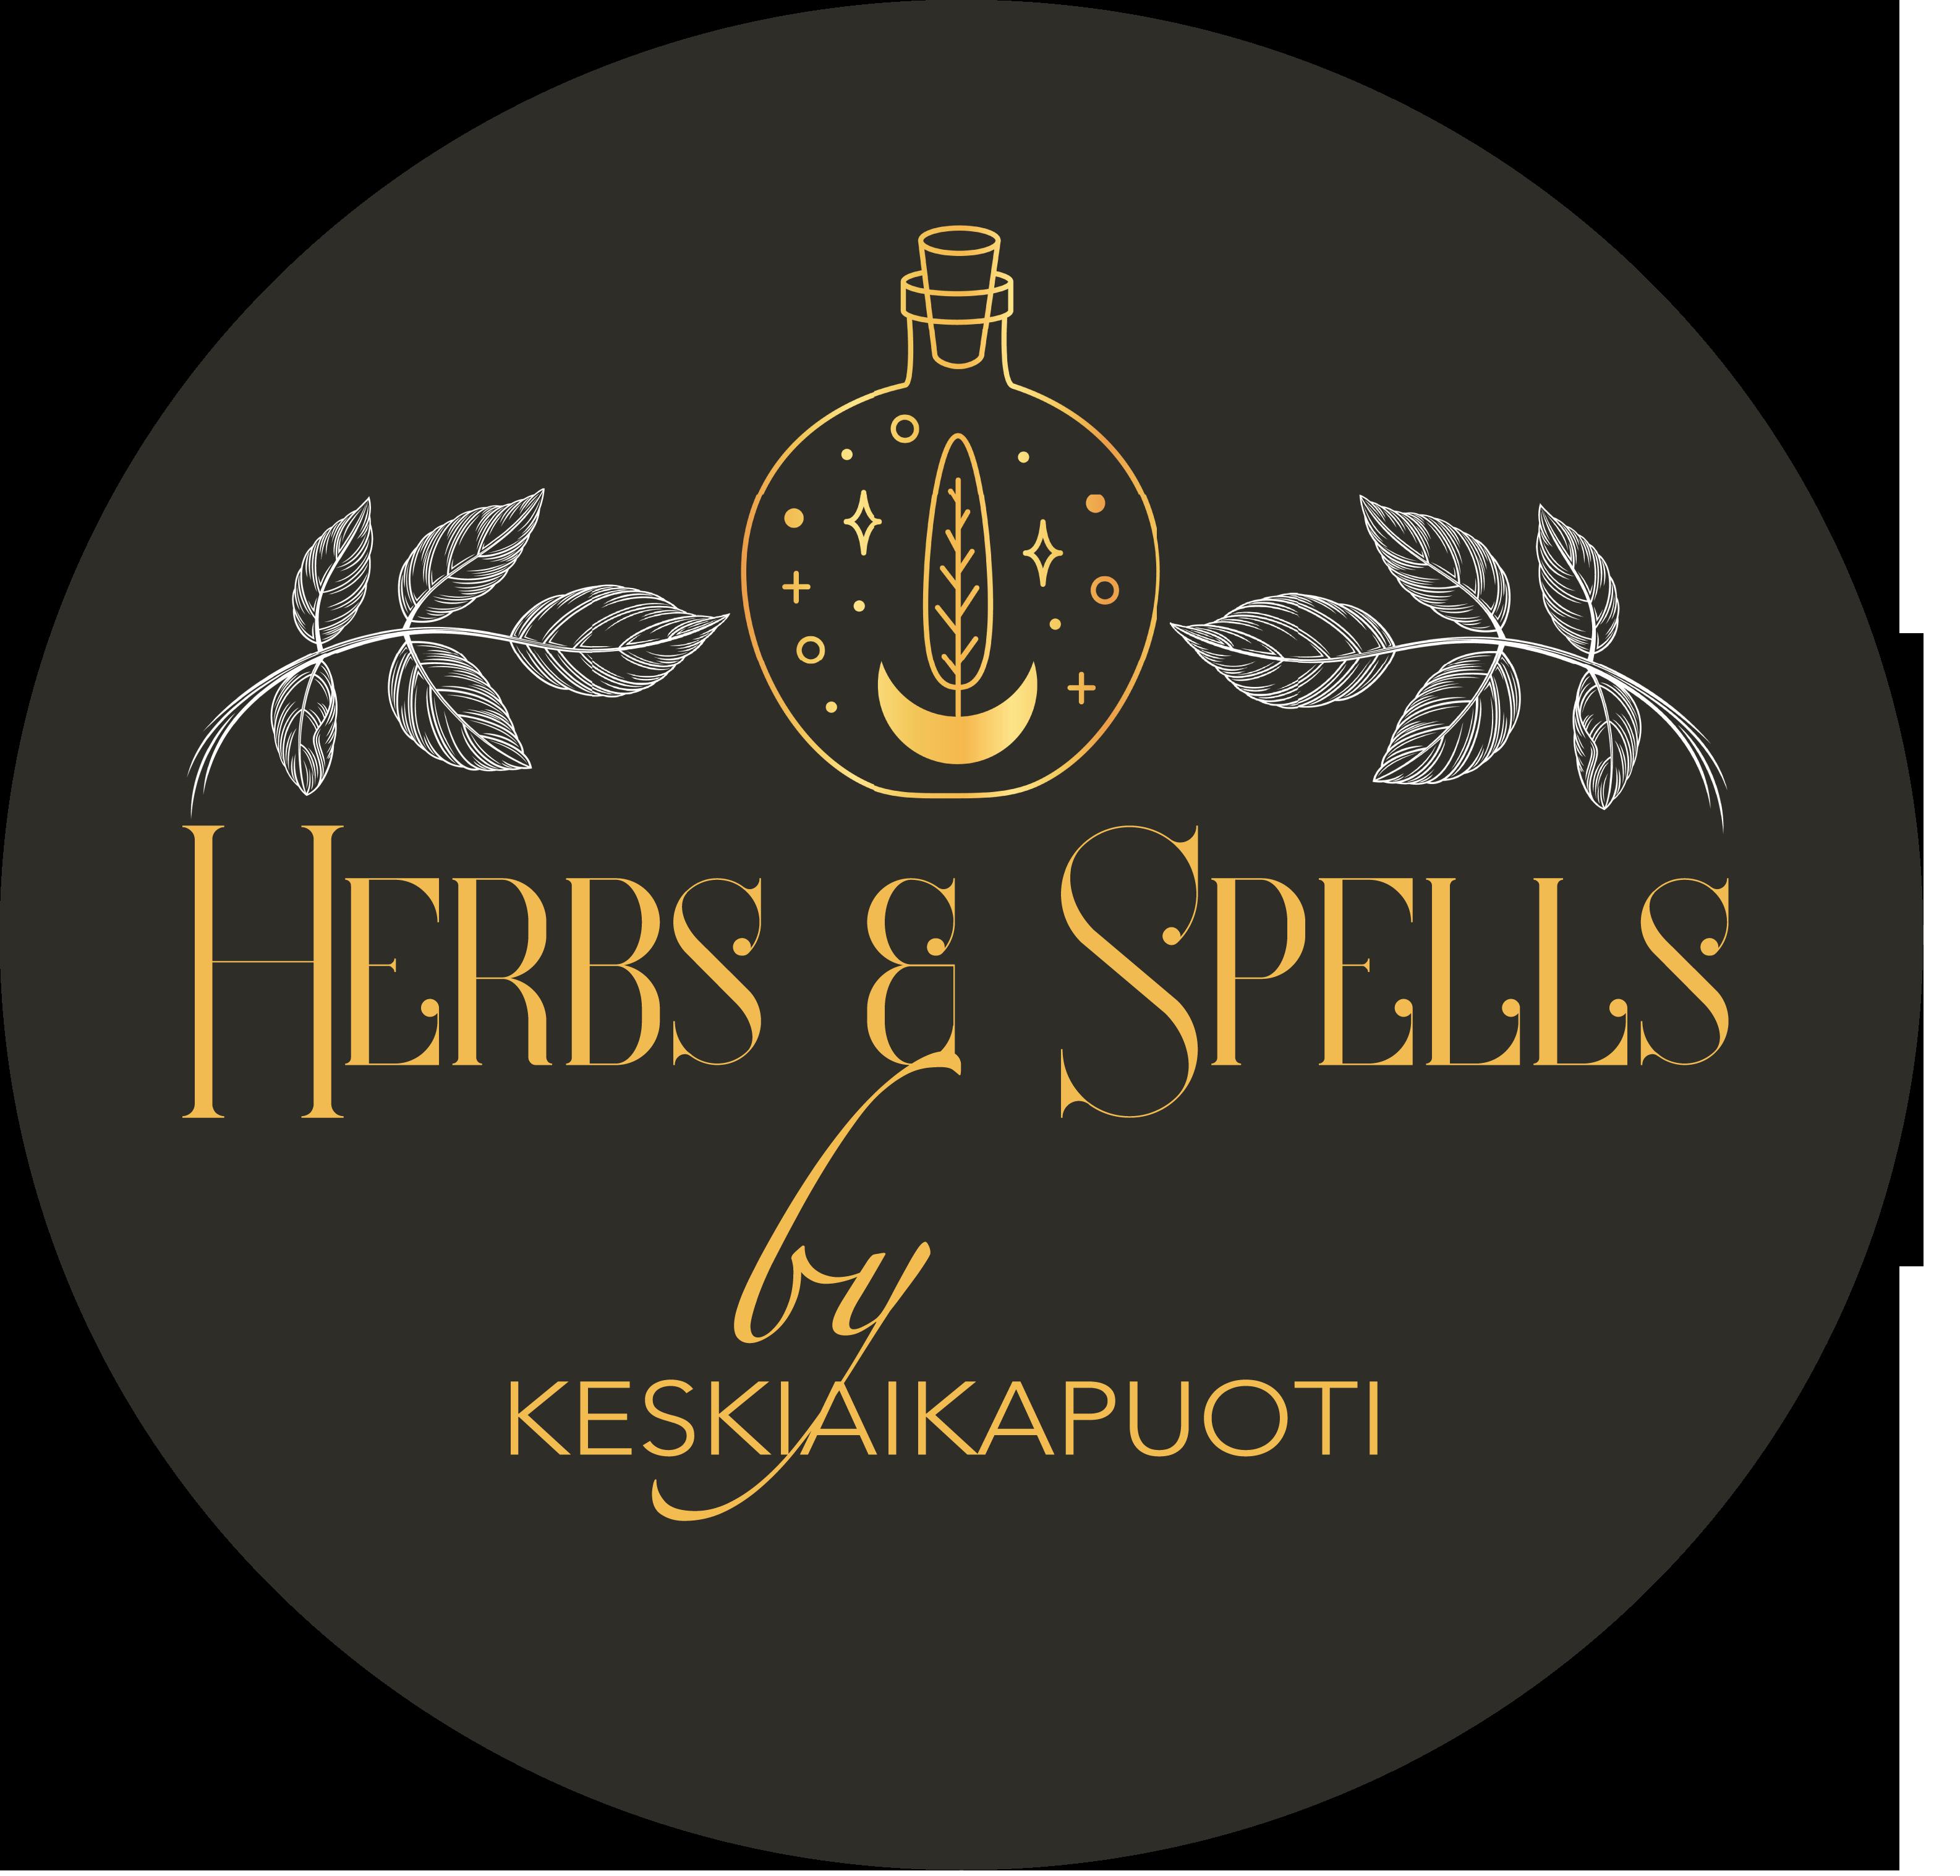 Wiidestoista yö (Rough nights) - suitsuke (Herbs&Spell by keskiaikapuoti)